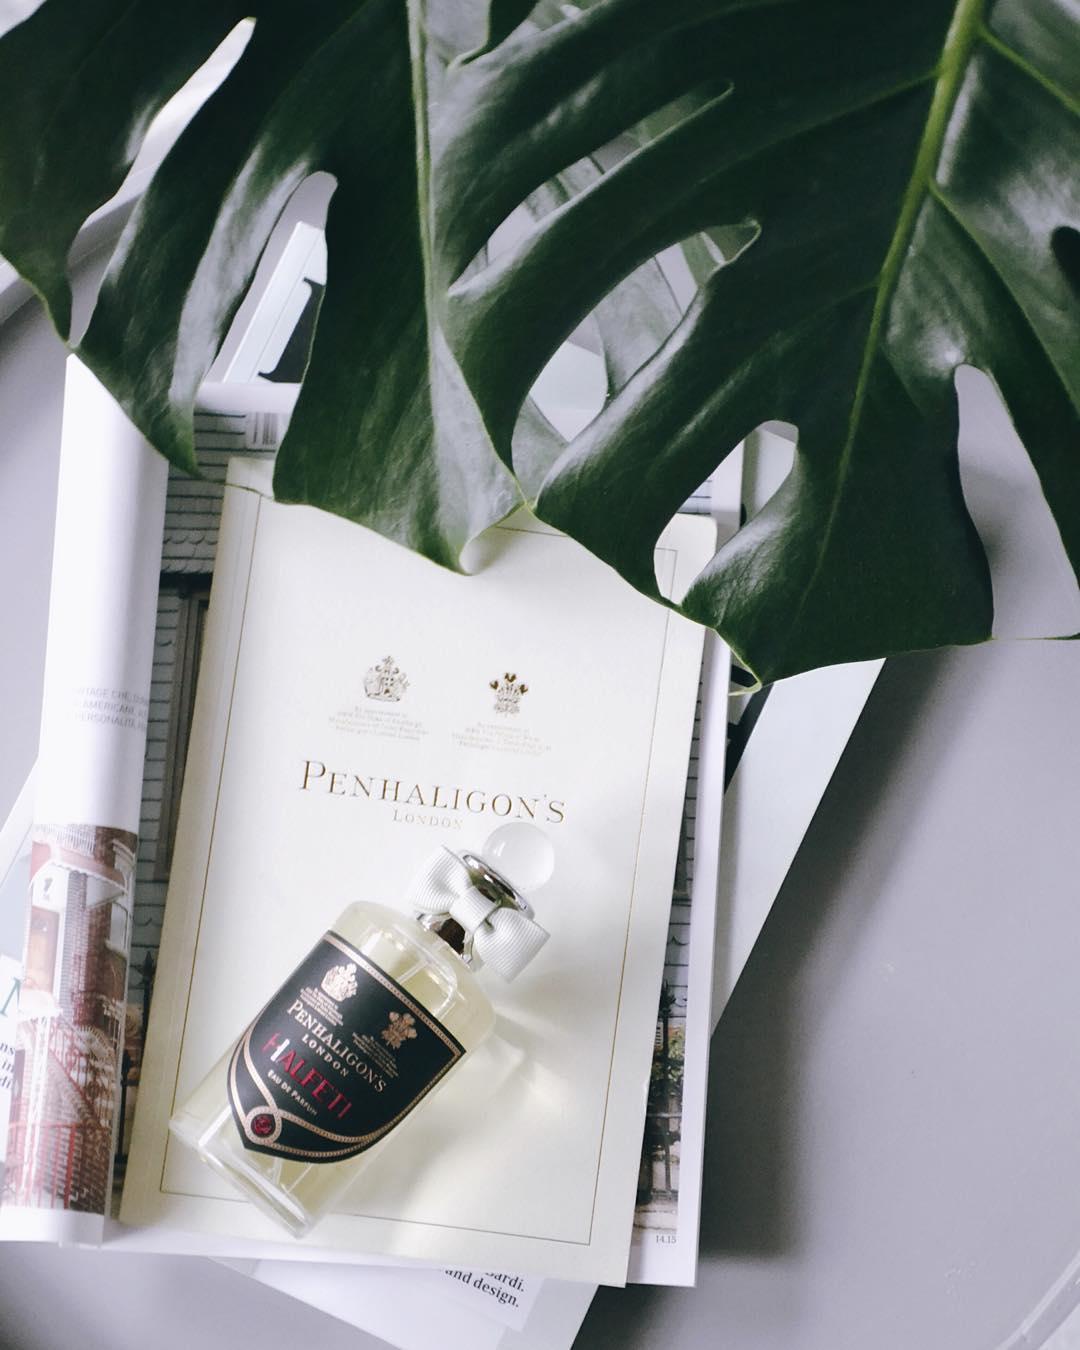 PENHALIGON'S LONDON PERFUME